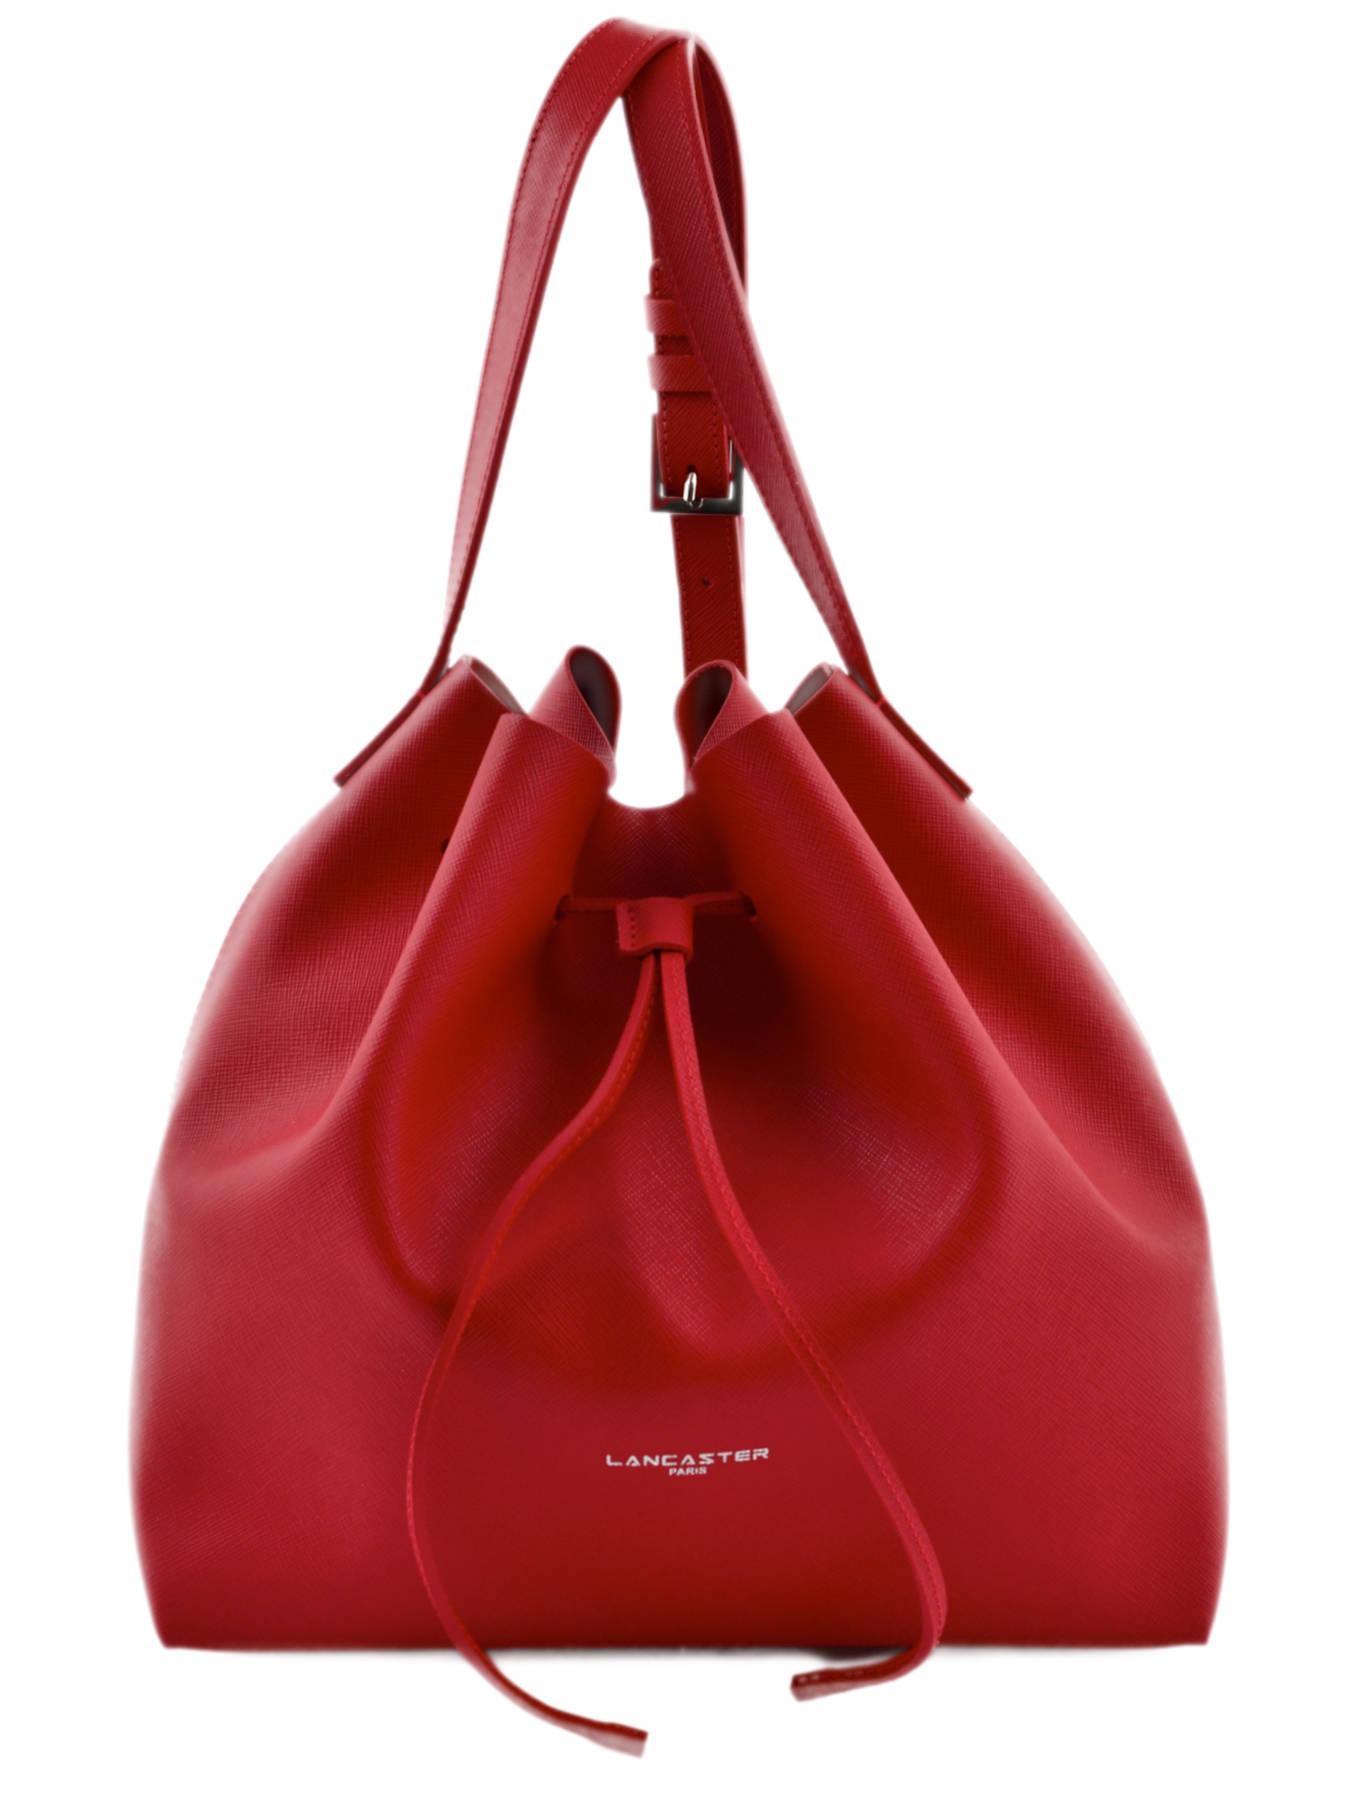 sac lancaster pur saffiano rouge en vente au meilleur prix. Black Bedroom Furniture Sets. Home Design Ideas